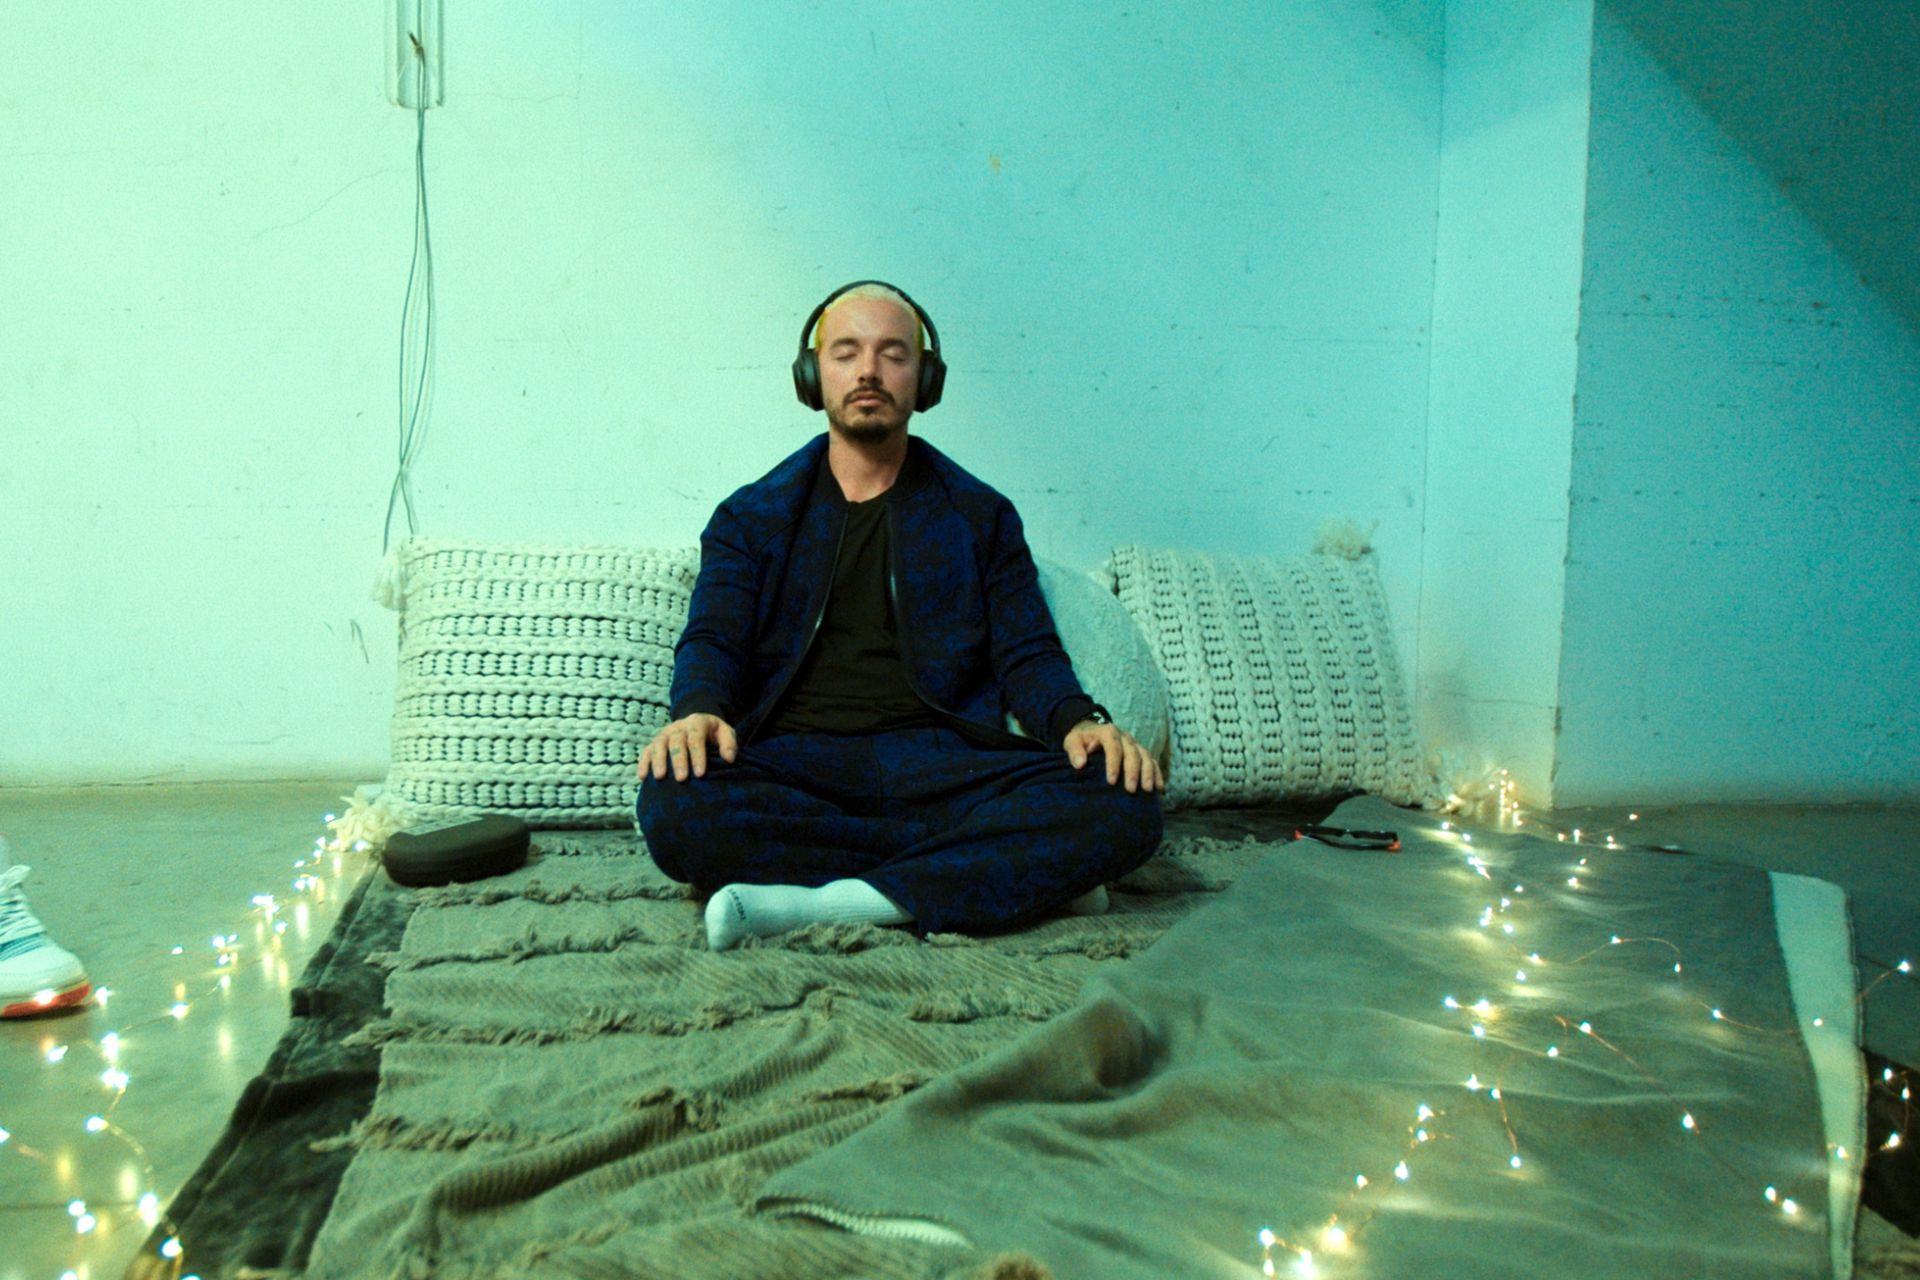 Antes del gran concierto y para bajar su ansiedad, Balvin medita en una sala preparada exclusivamente para que pueda estar tranquilo